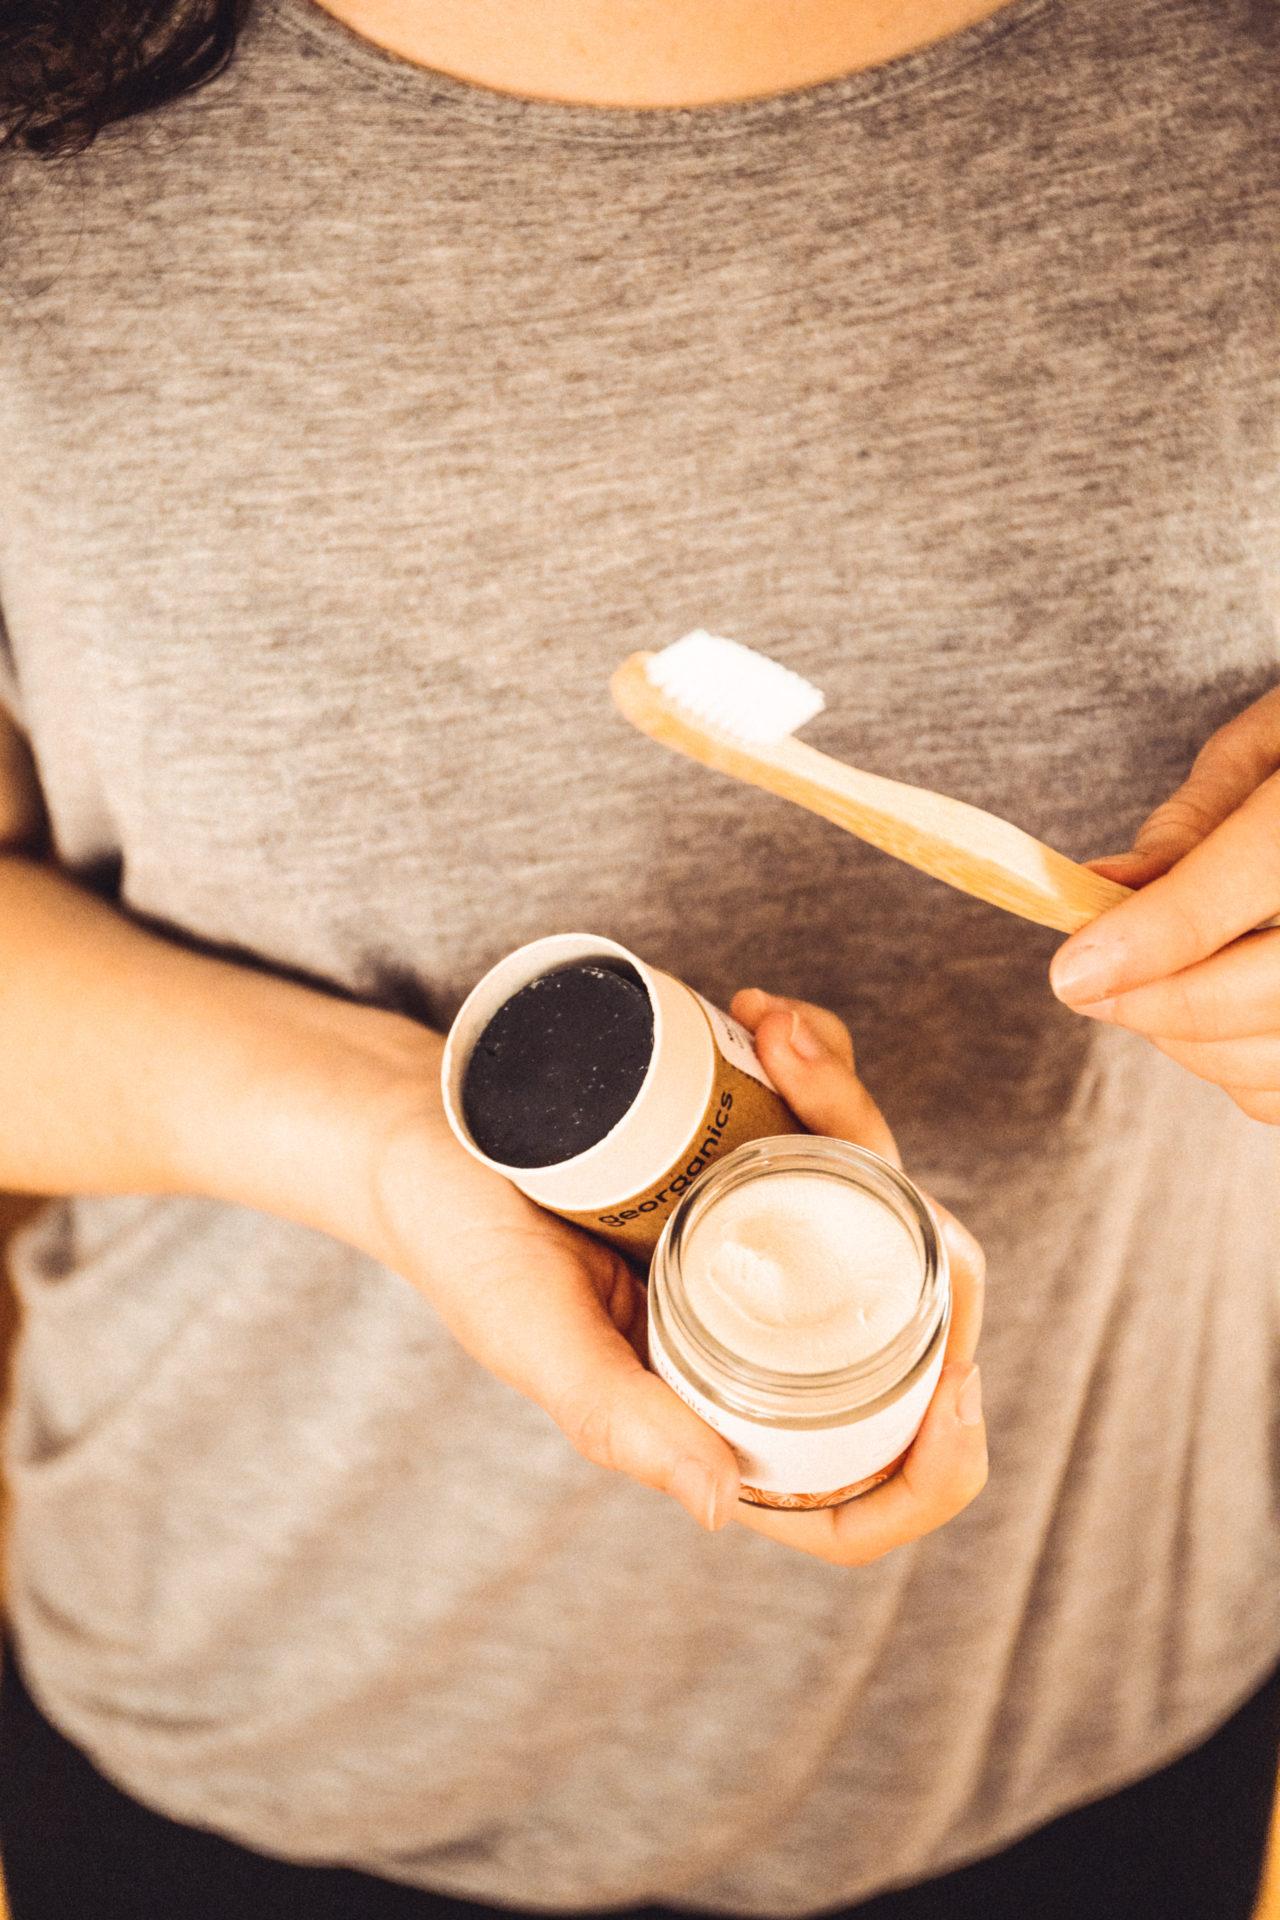 Zubní pasta, mýdlo a kartáček